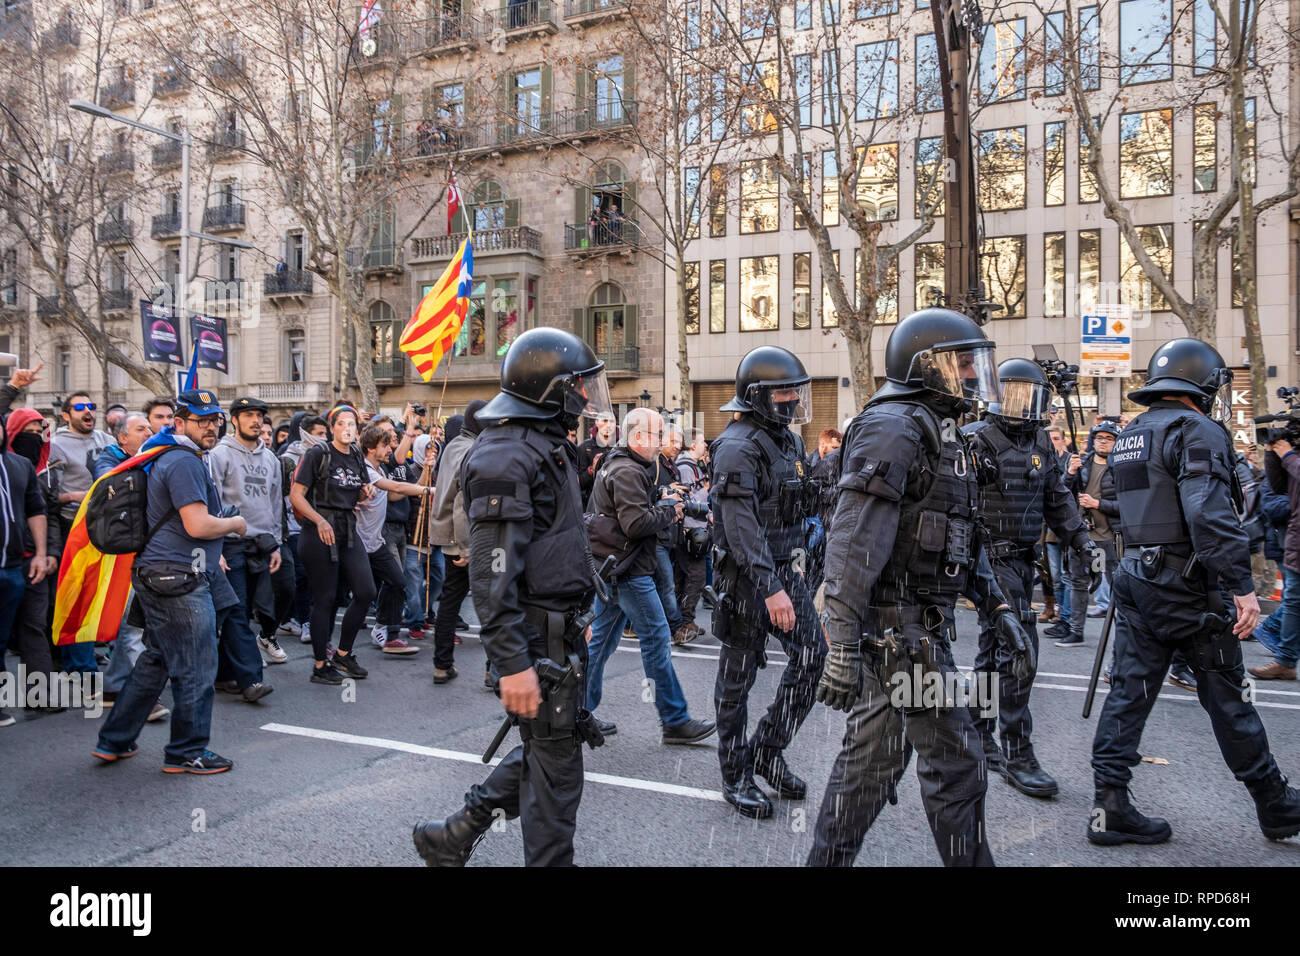 Agente della polizia Mossos d'Escuadra sono visti in ritiro dopo aver fatto diverse accuse contro i dimostranti durante lo sciopero. Uno sciopero generale in Catalogna alla domanda, i diritti di libertà e di denunciare le prove che si svolgono presso la Suprema Corte di Giustizia di Madrid. Organizzato dall'intersindical-CsC, numerosi manifestanti hanno seguito lo sciopero generale in tutta Catalunya con fermate del traffico nelle principali strade urbane. Foto Stock